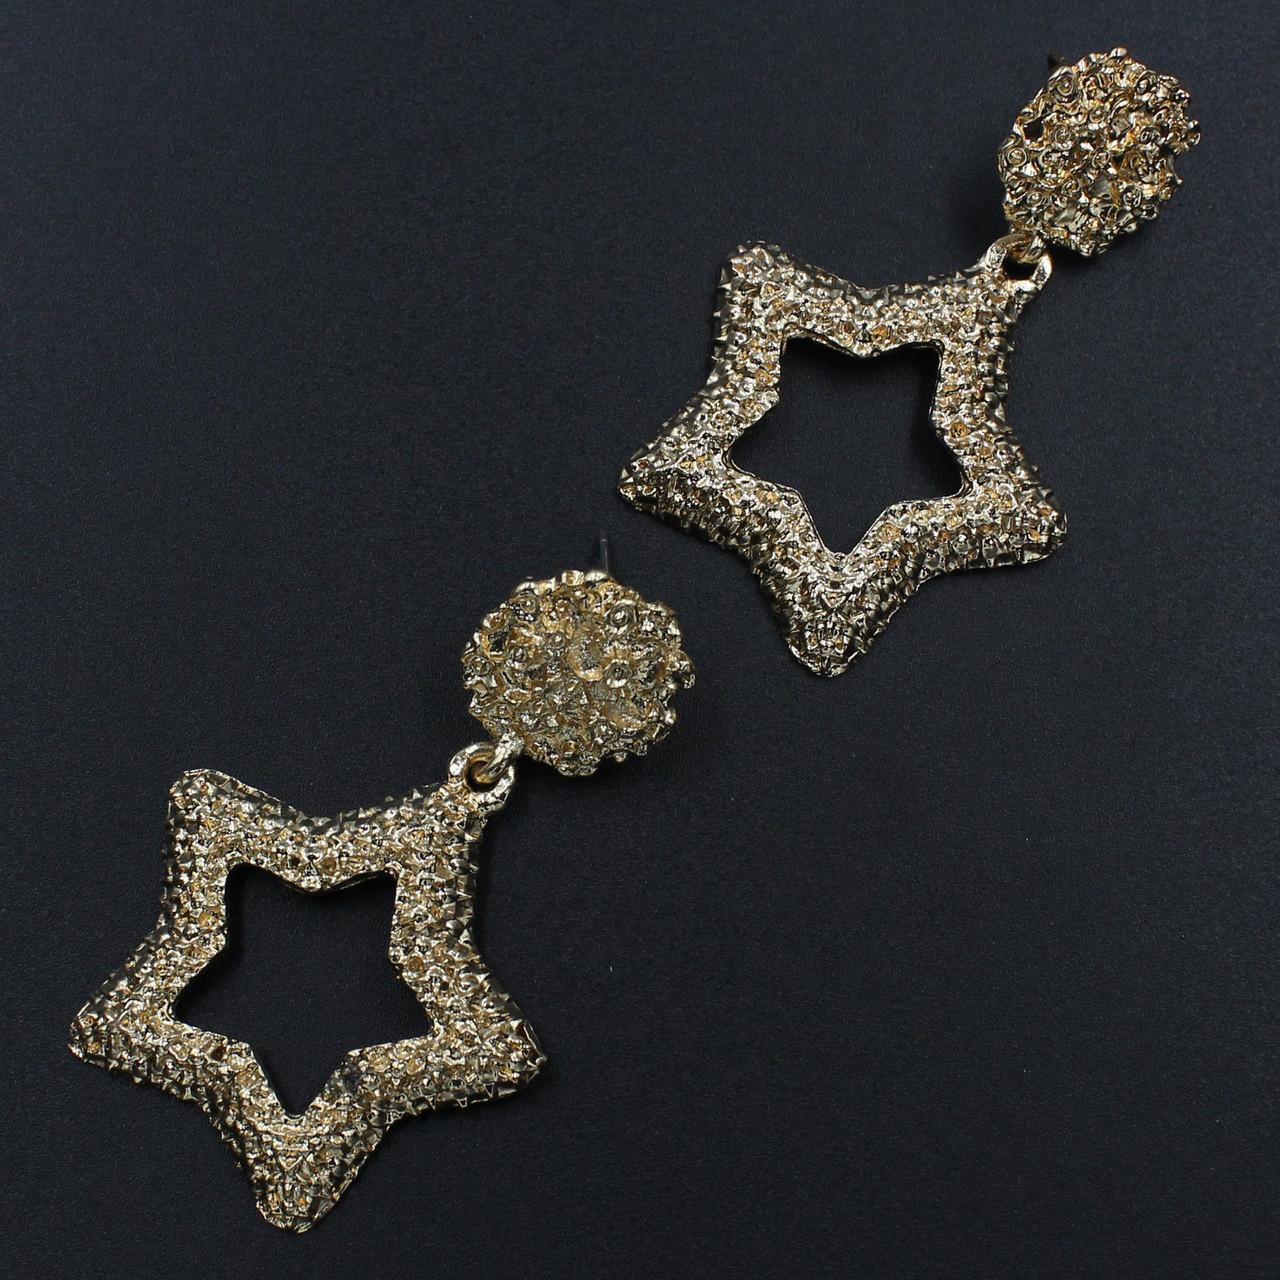 Женские серьги  60х35 мм в стиле Zara золотые